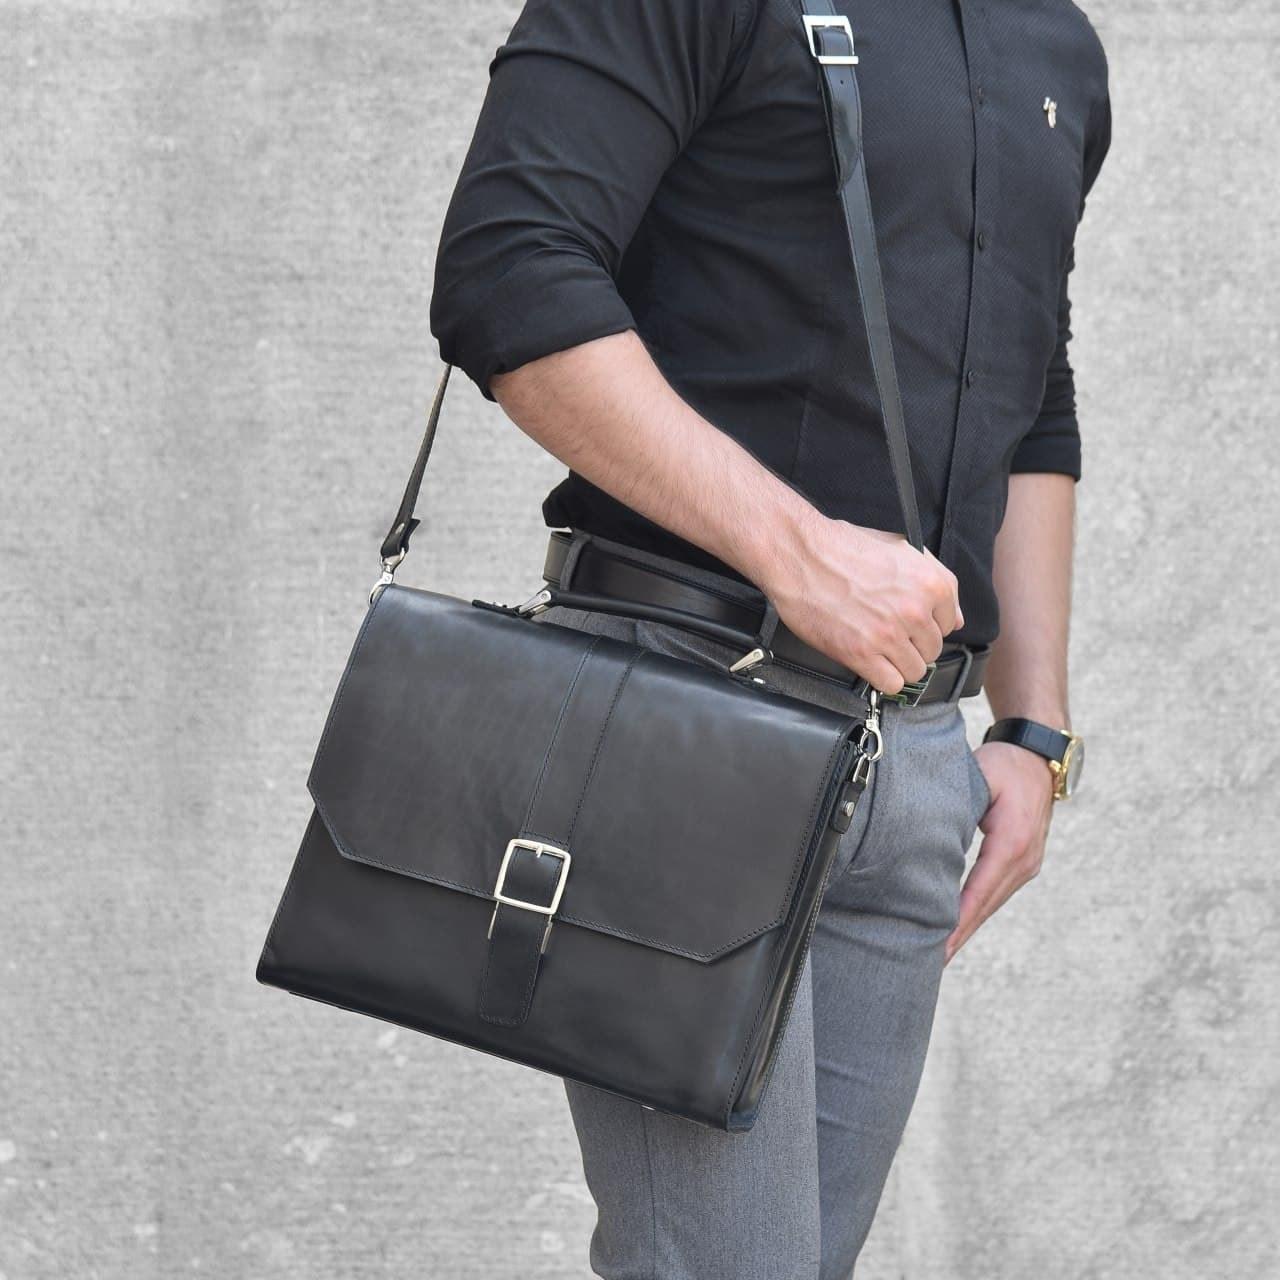 تصویر کیف اداری مردانه ساینا چرم مدل ۴۰۲S